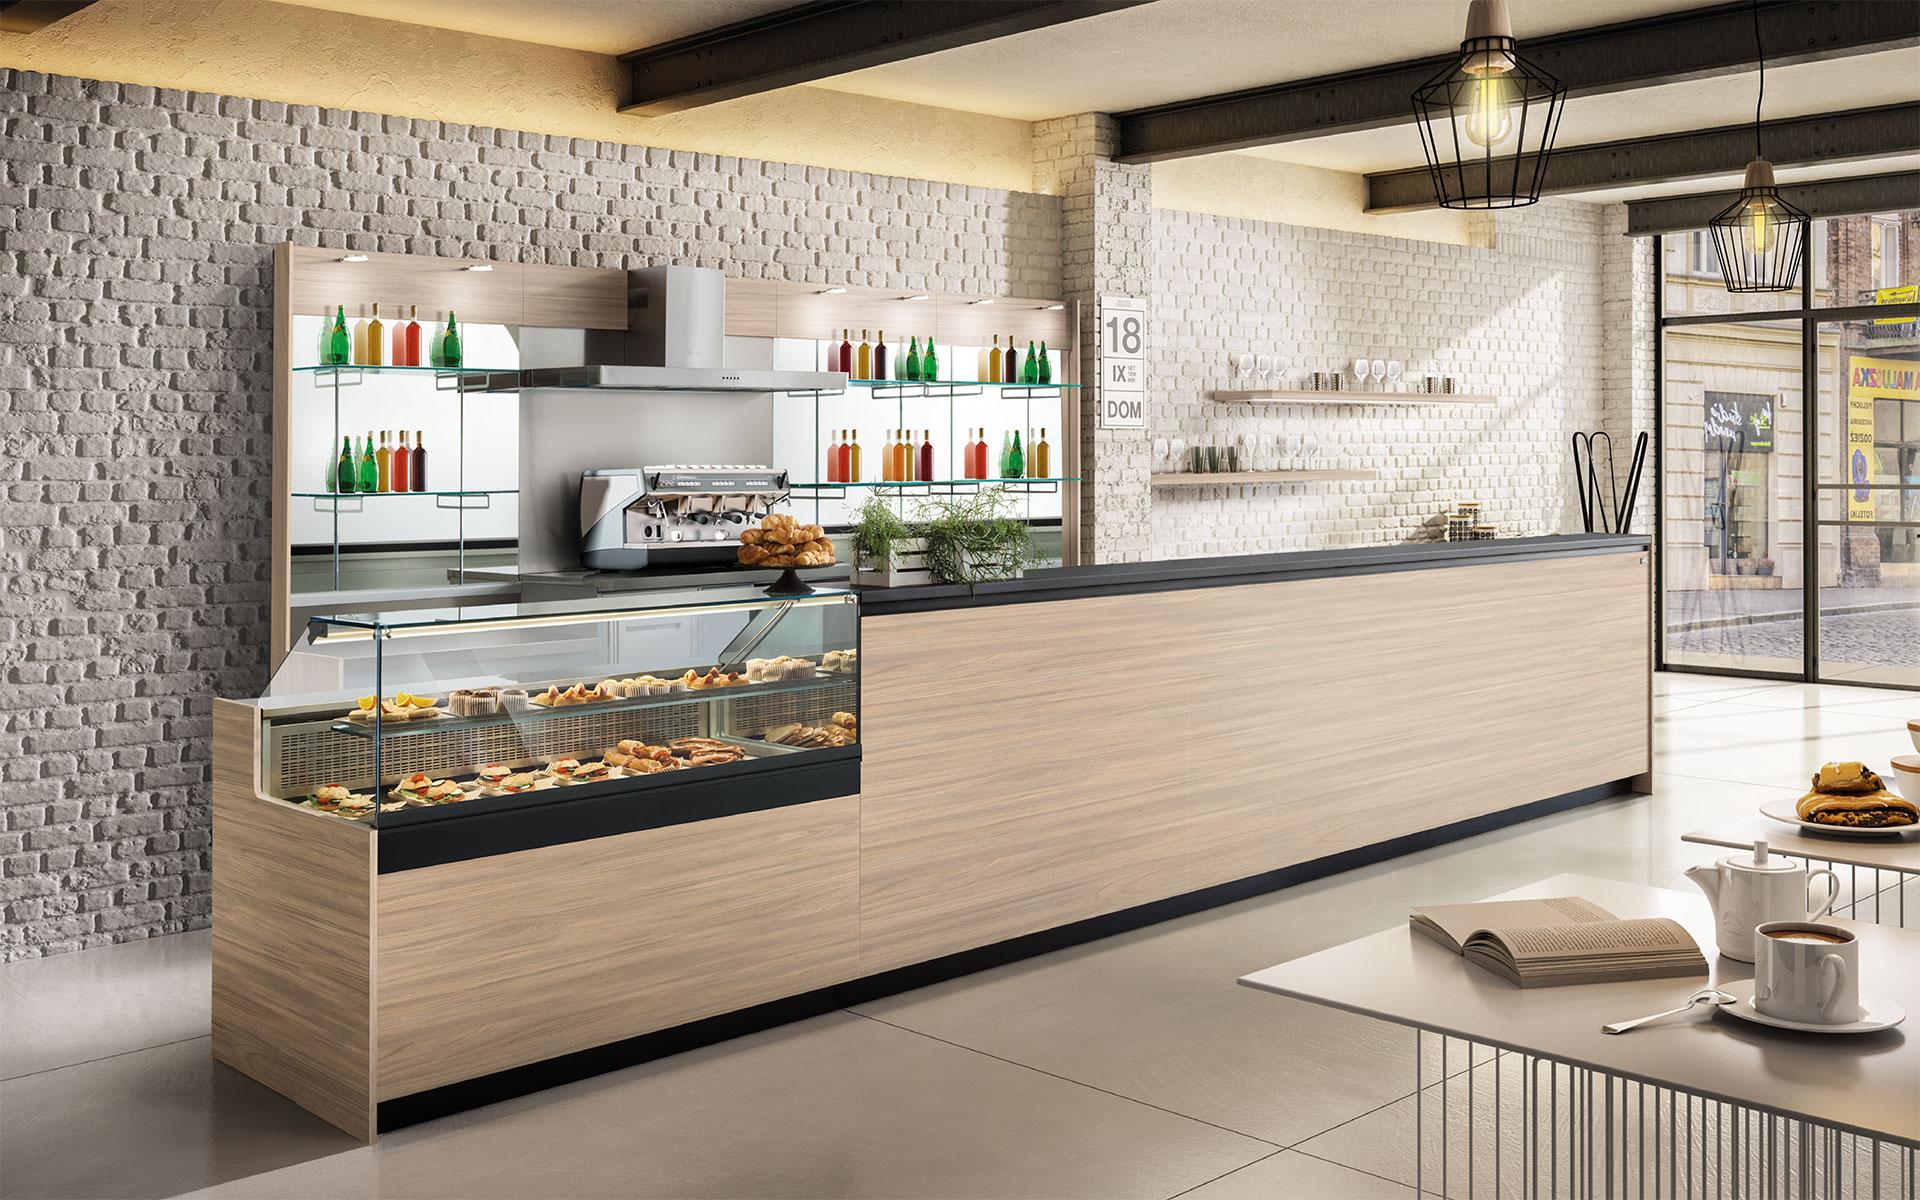 Linearità e proporzione estetica permetteranno di soddisfare ogni gusto e tendenza per Banco bar con espositore per dolci e salati e tutte le altre vostre esigenze.